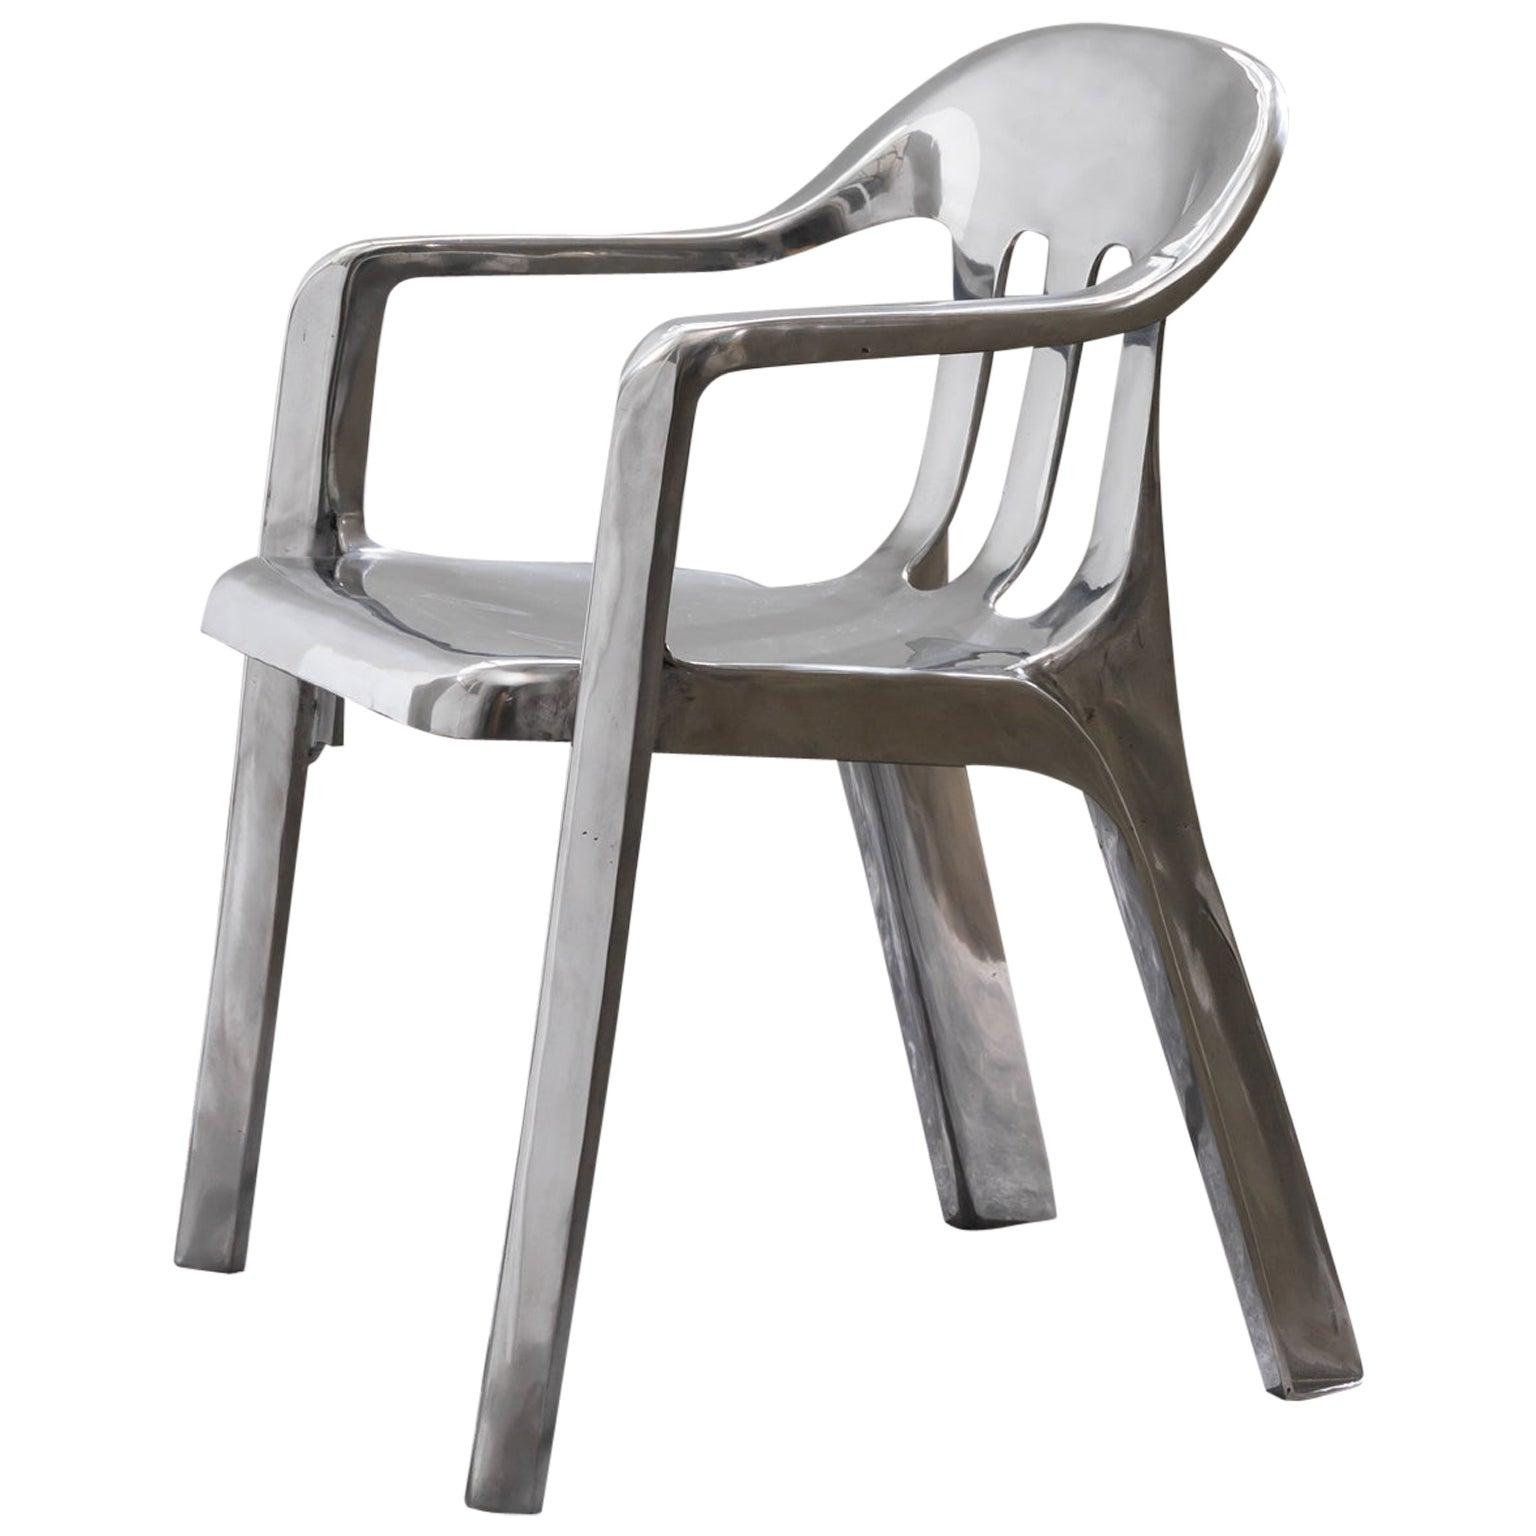 Contemporary Chair in Cast Aluminum